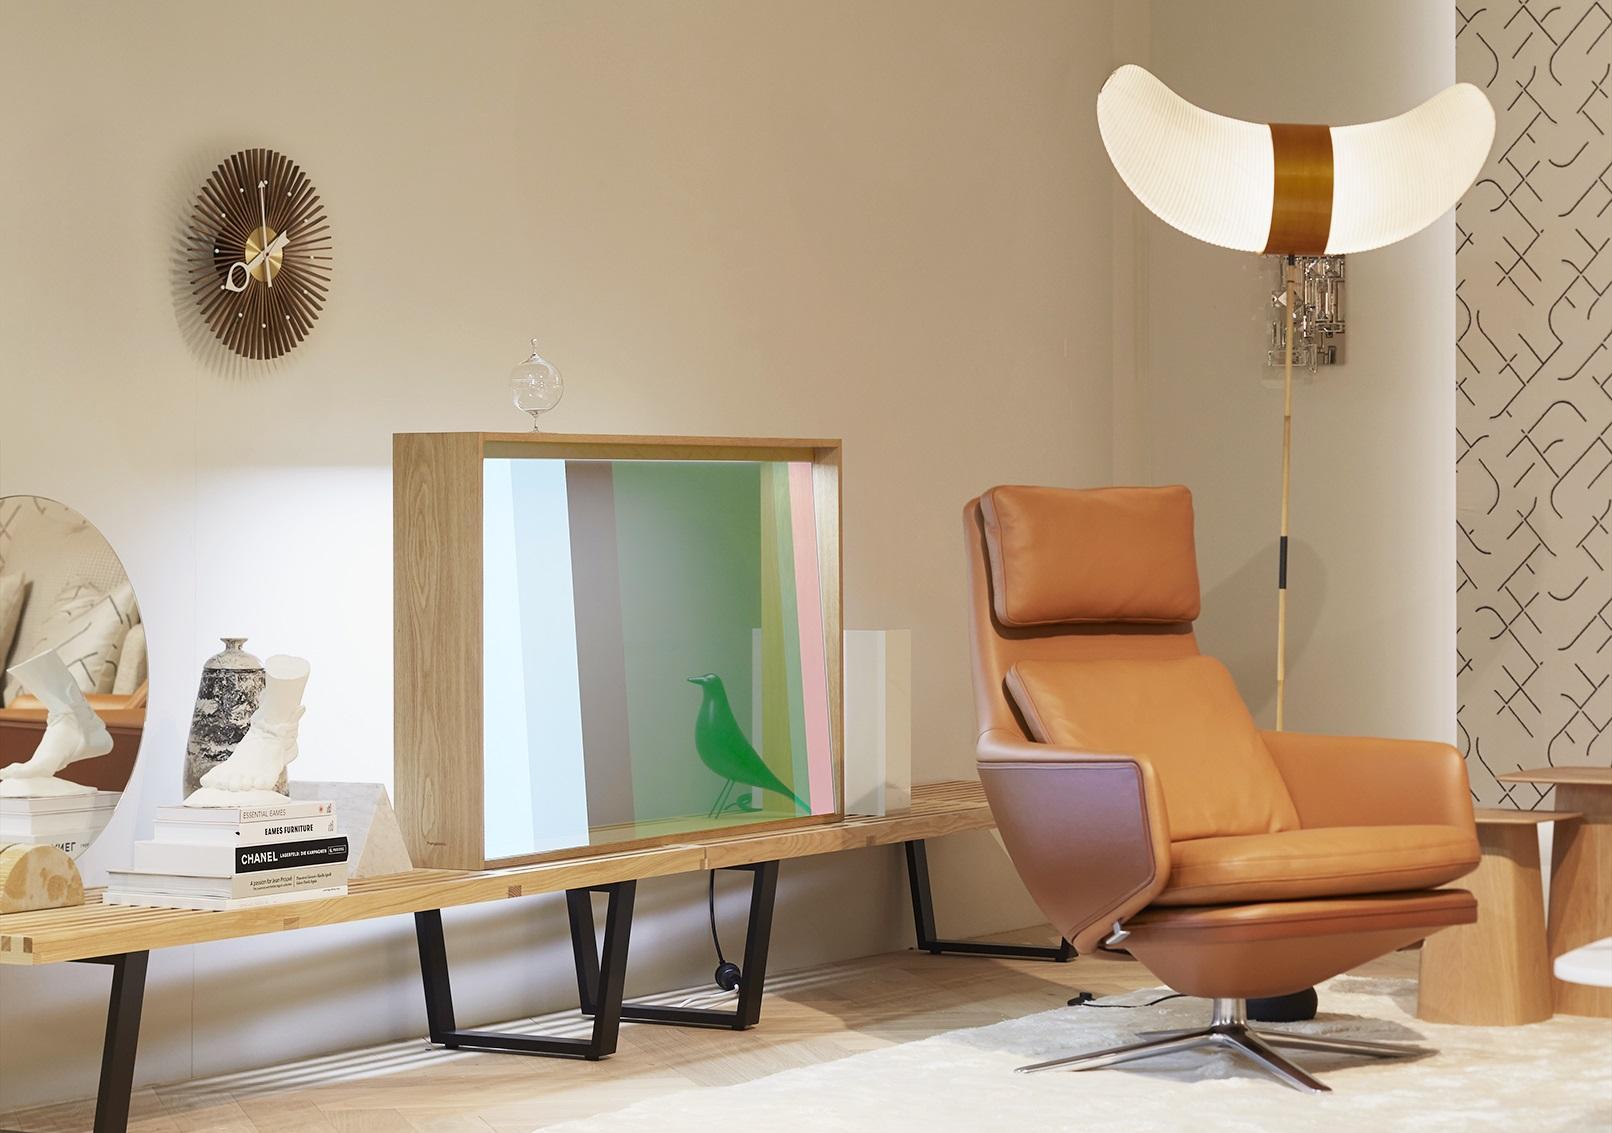 Nieuw: TV van hout en glas gaat op in zijn omgeving